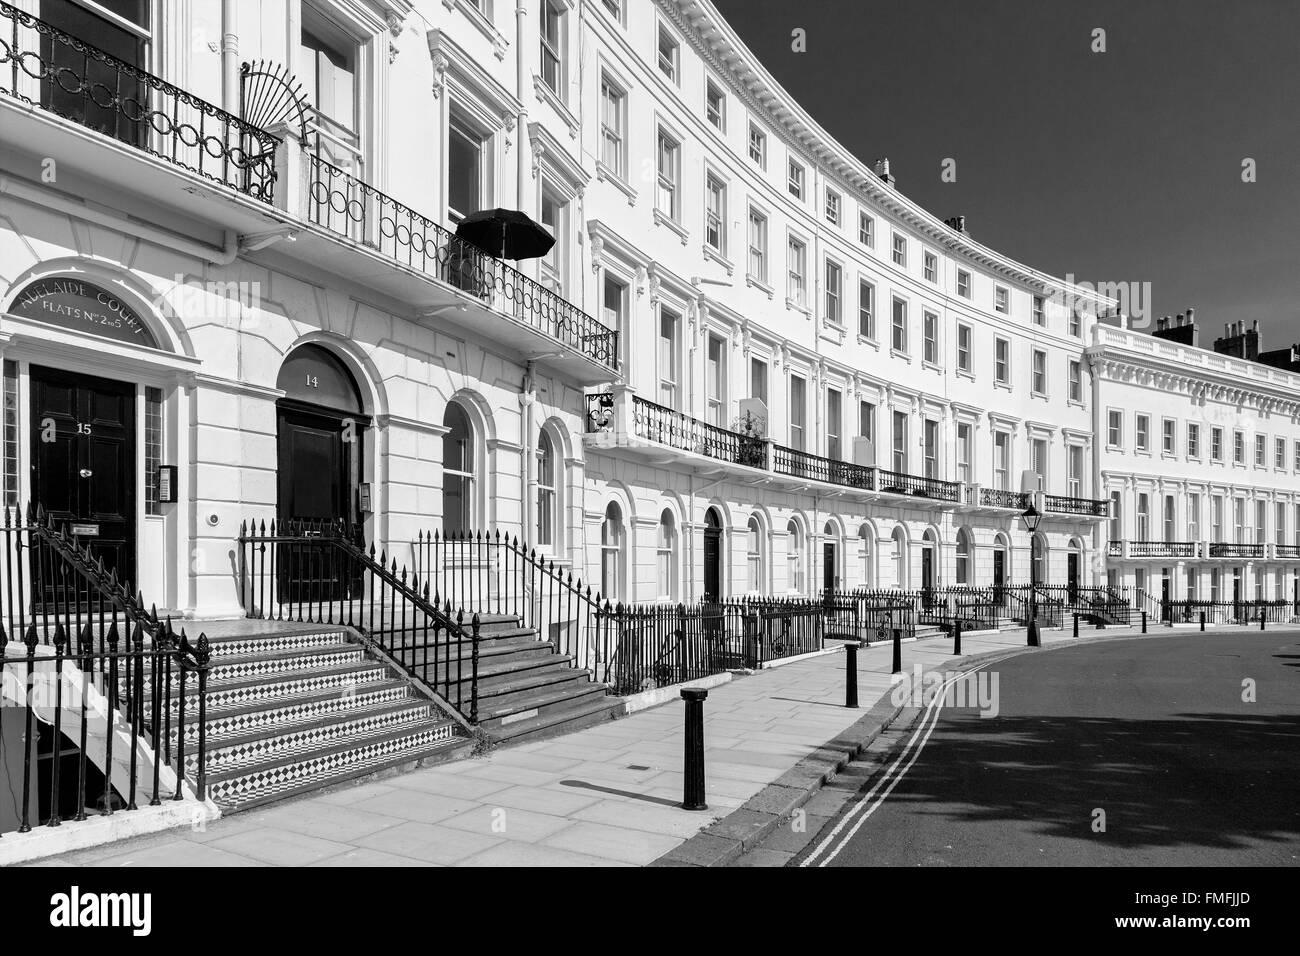 Brighton y Hove regency / Edwardian / arquitectura Victoriana, ilustrando su pasado. complejos habitacionales UK Imagen De Stock